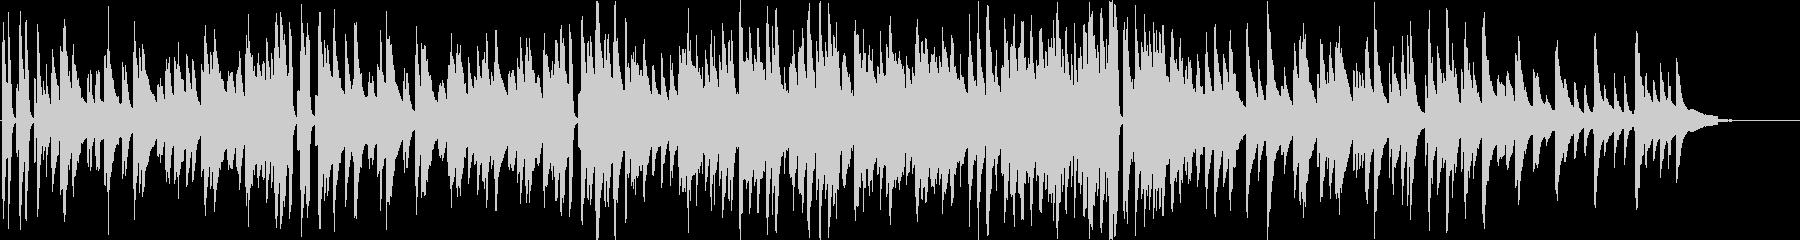 ピアノメインの落ち着いたジャズの未再生の波形